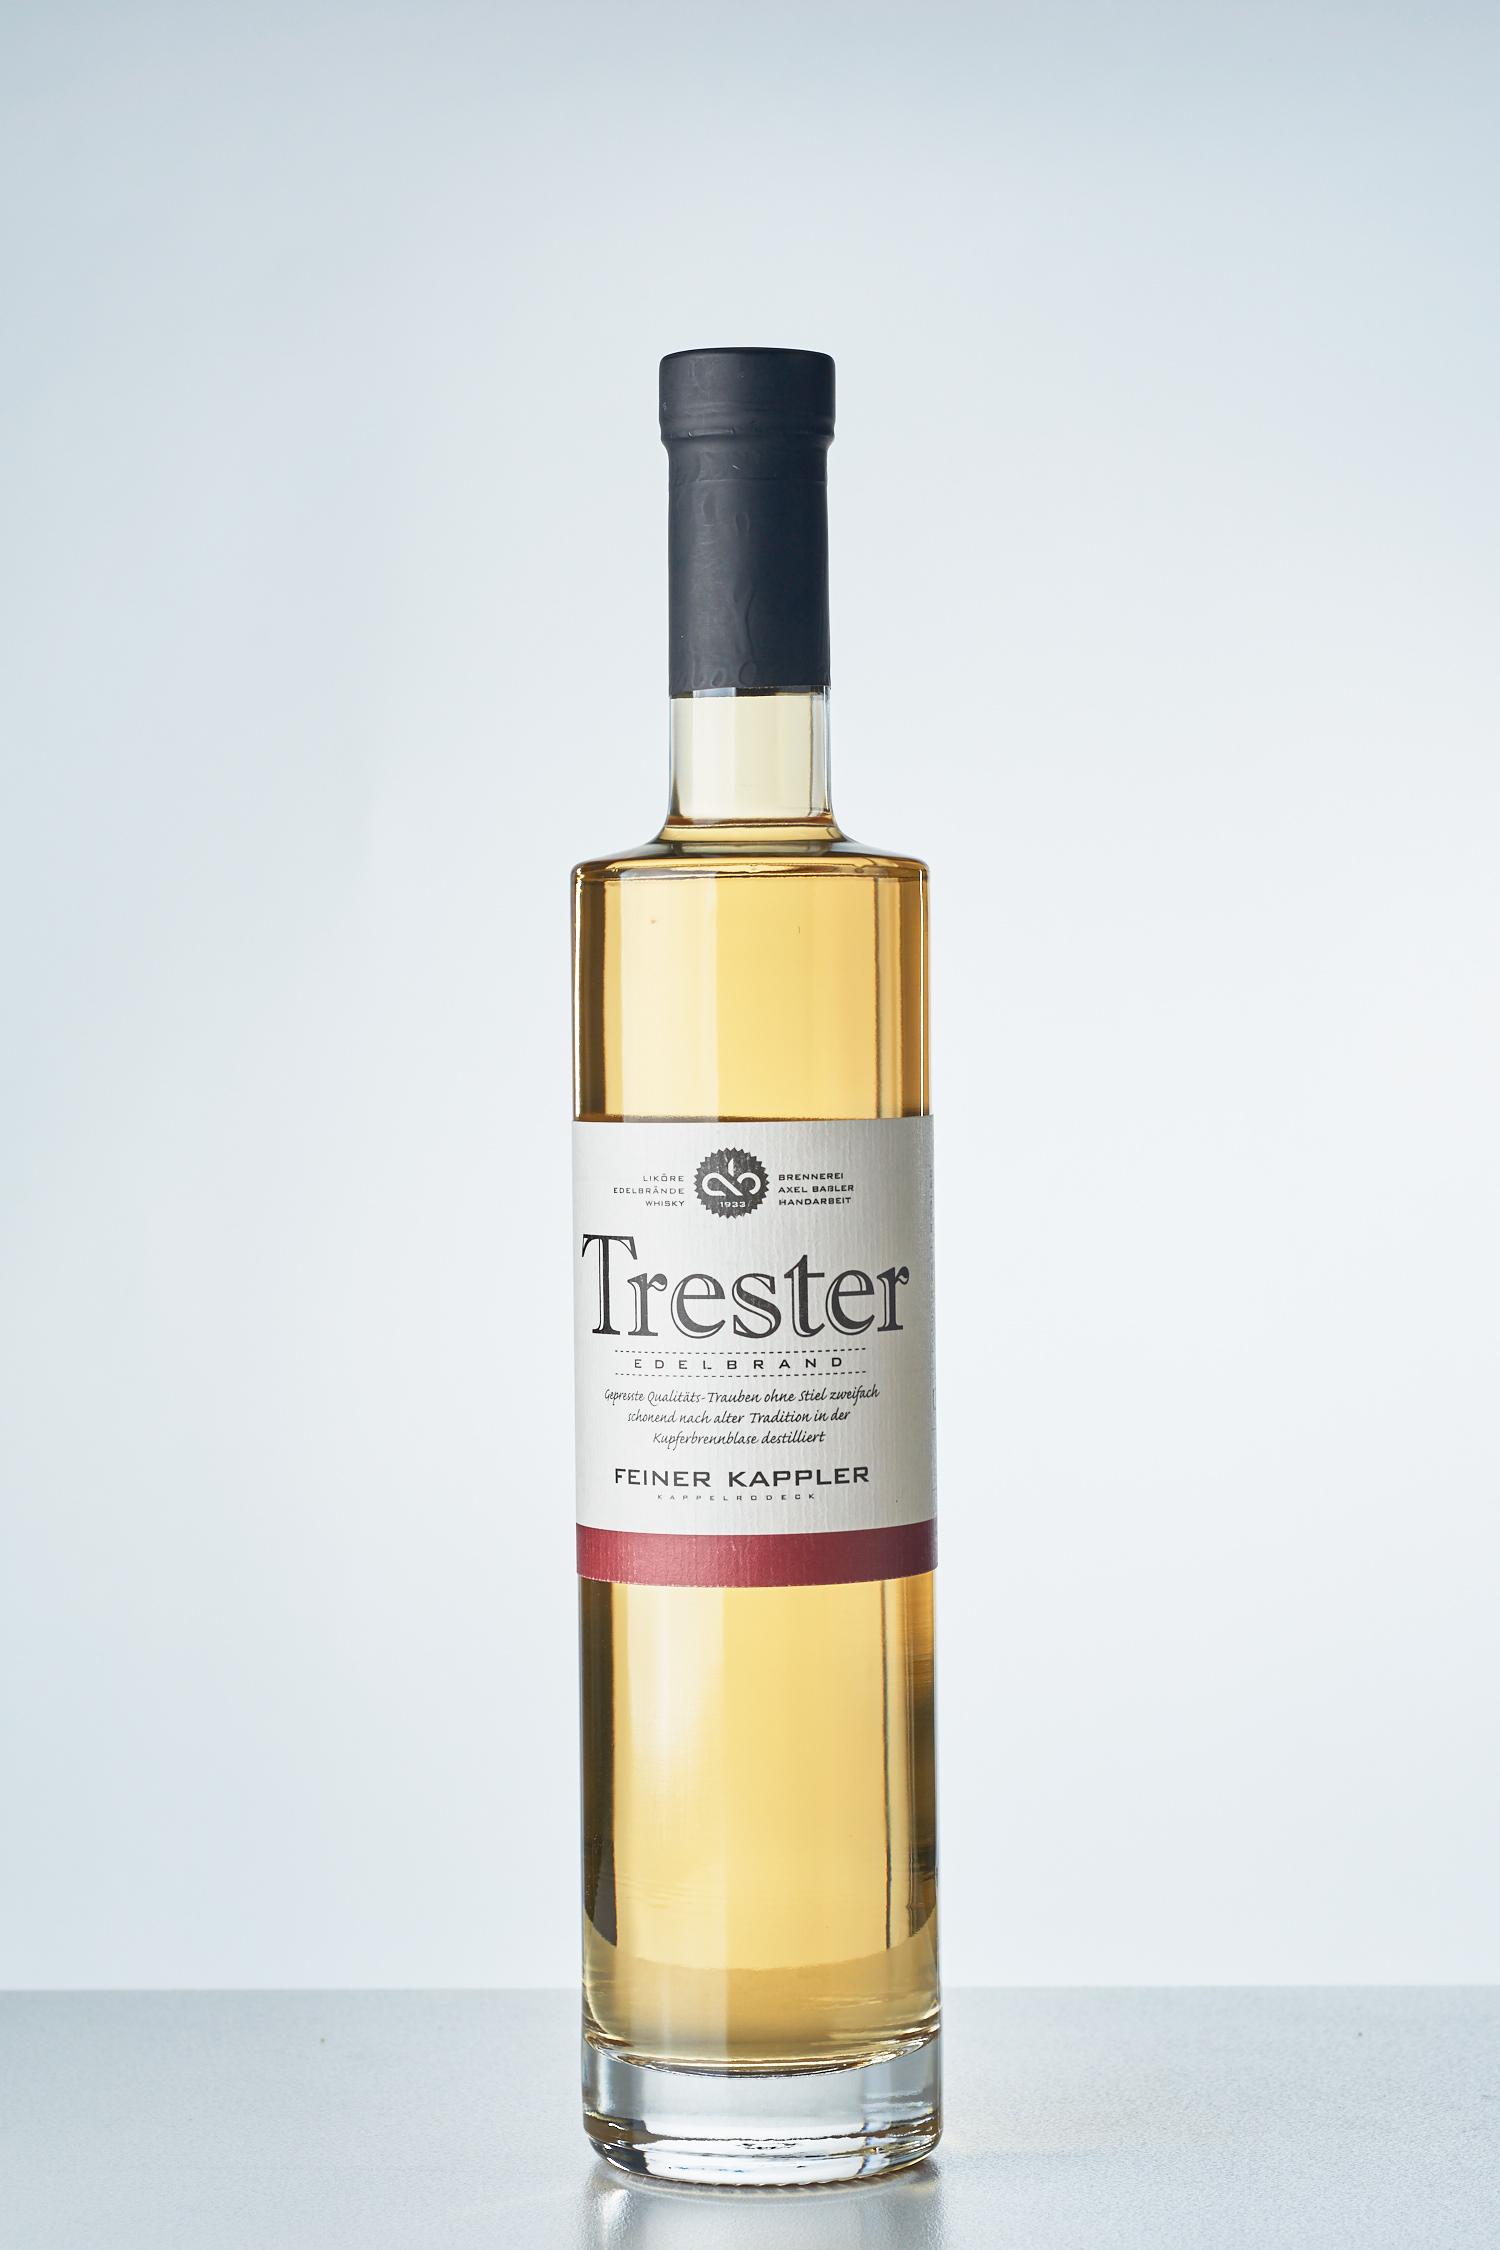 FEINER KAPPLER - Trester